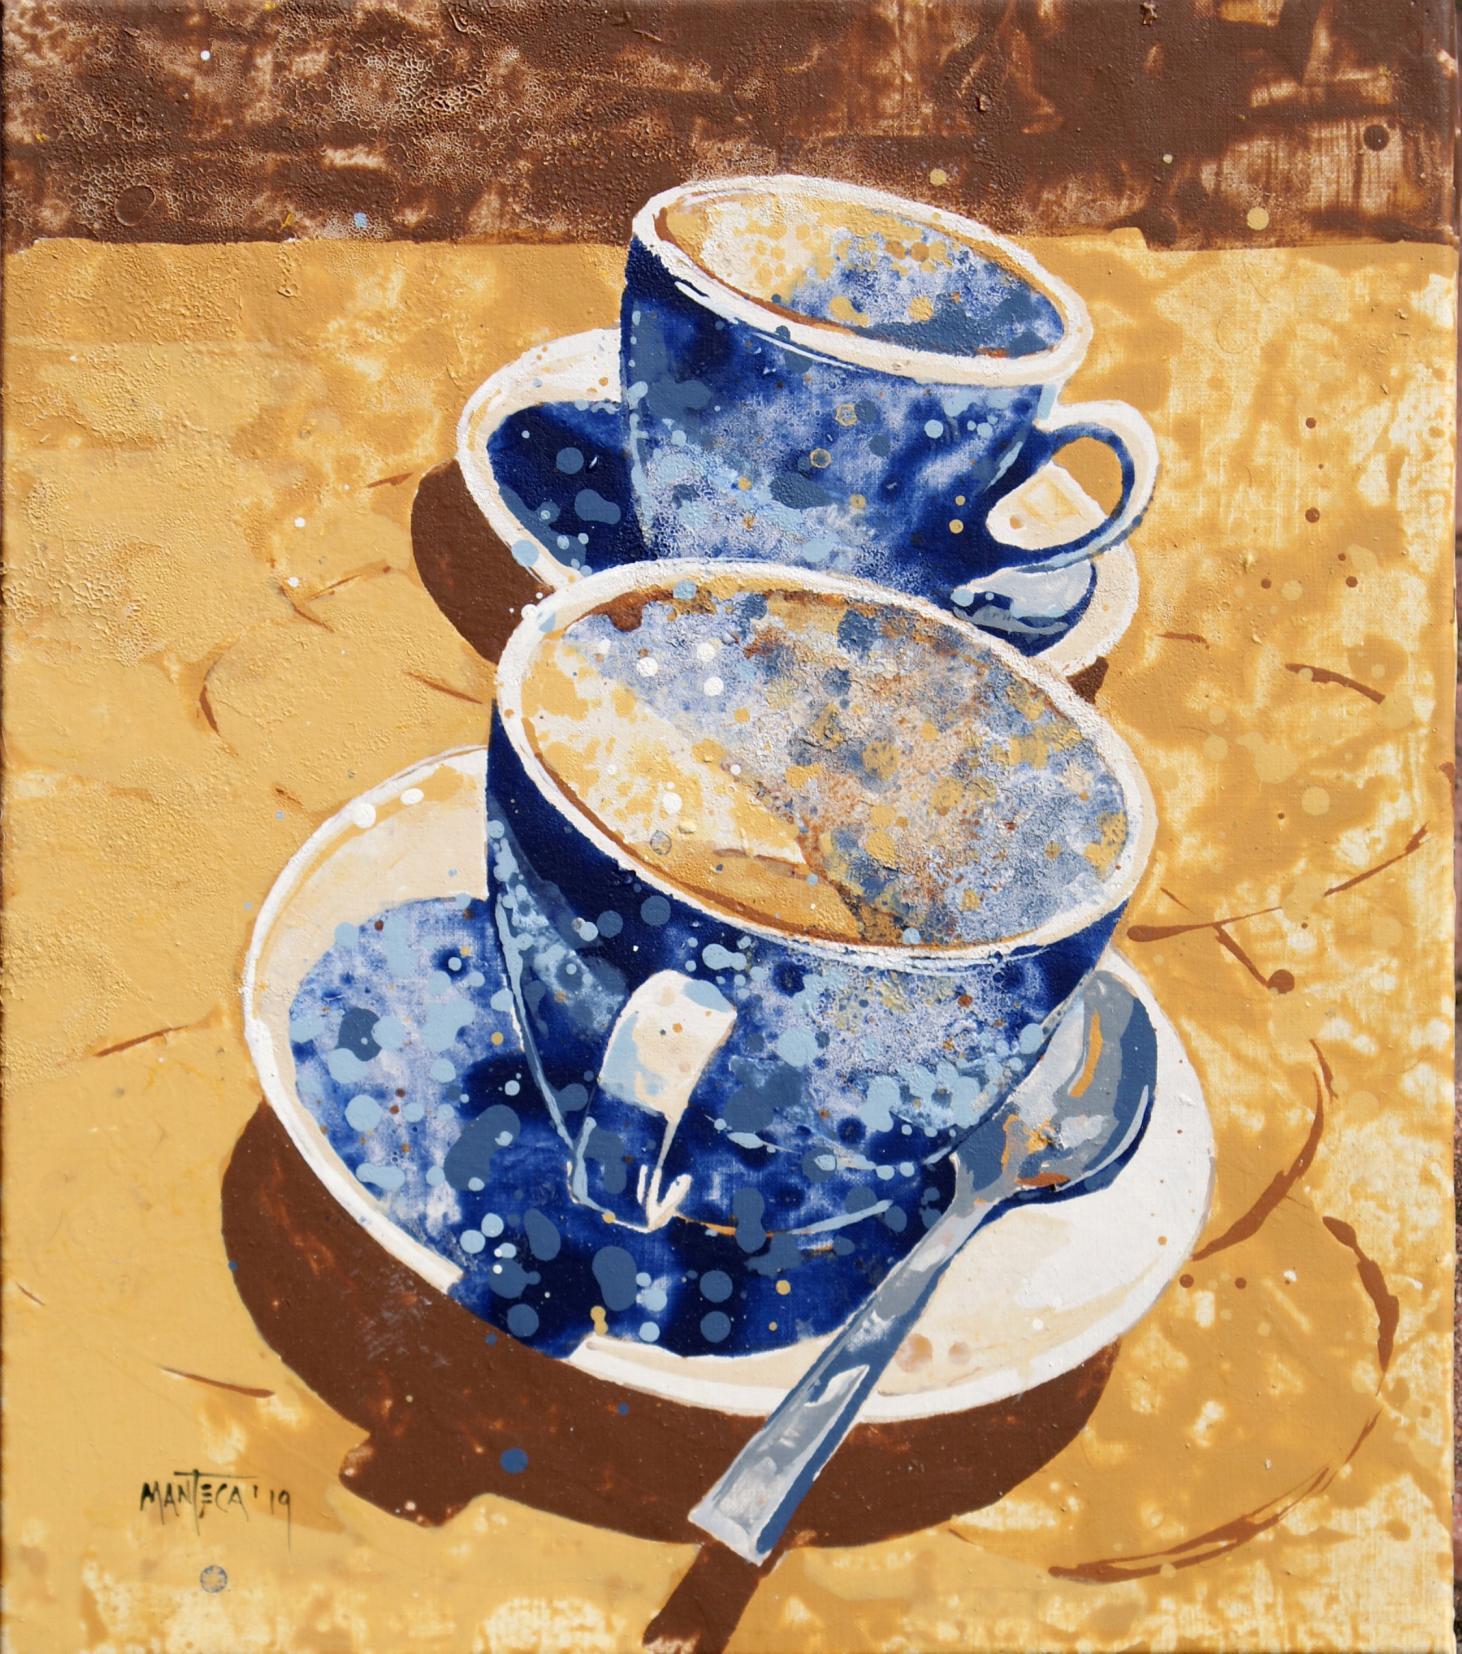 Café compartido (2019) - Miguel Angel Jiménez Manteca